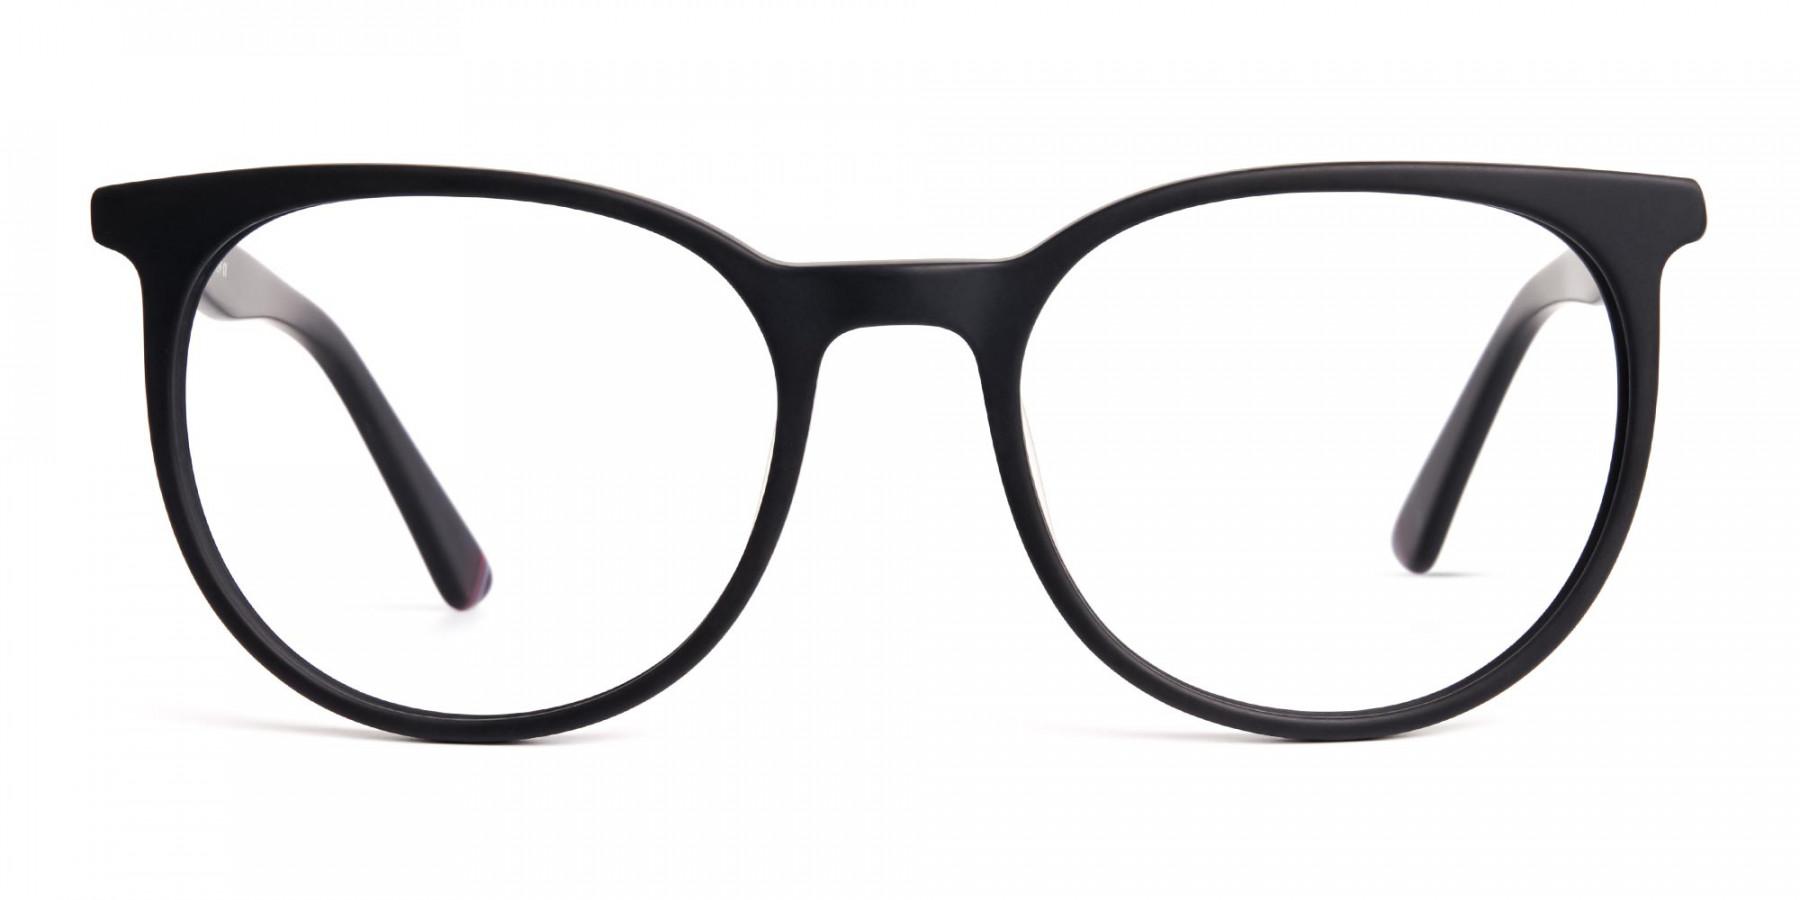 Designer-matte-Black-Full-Rim-Round-Glasses-Frames-1